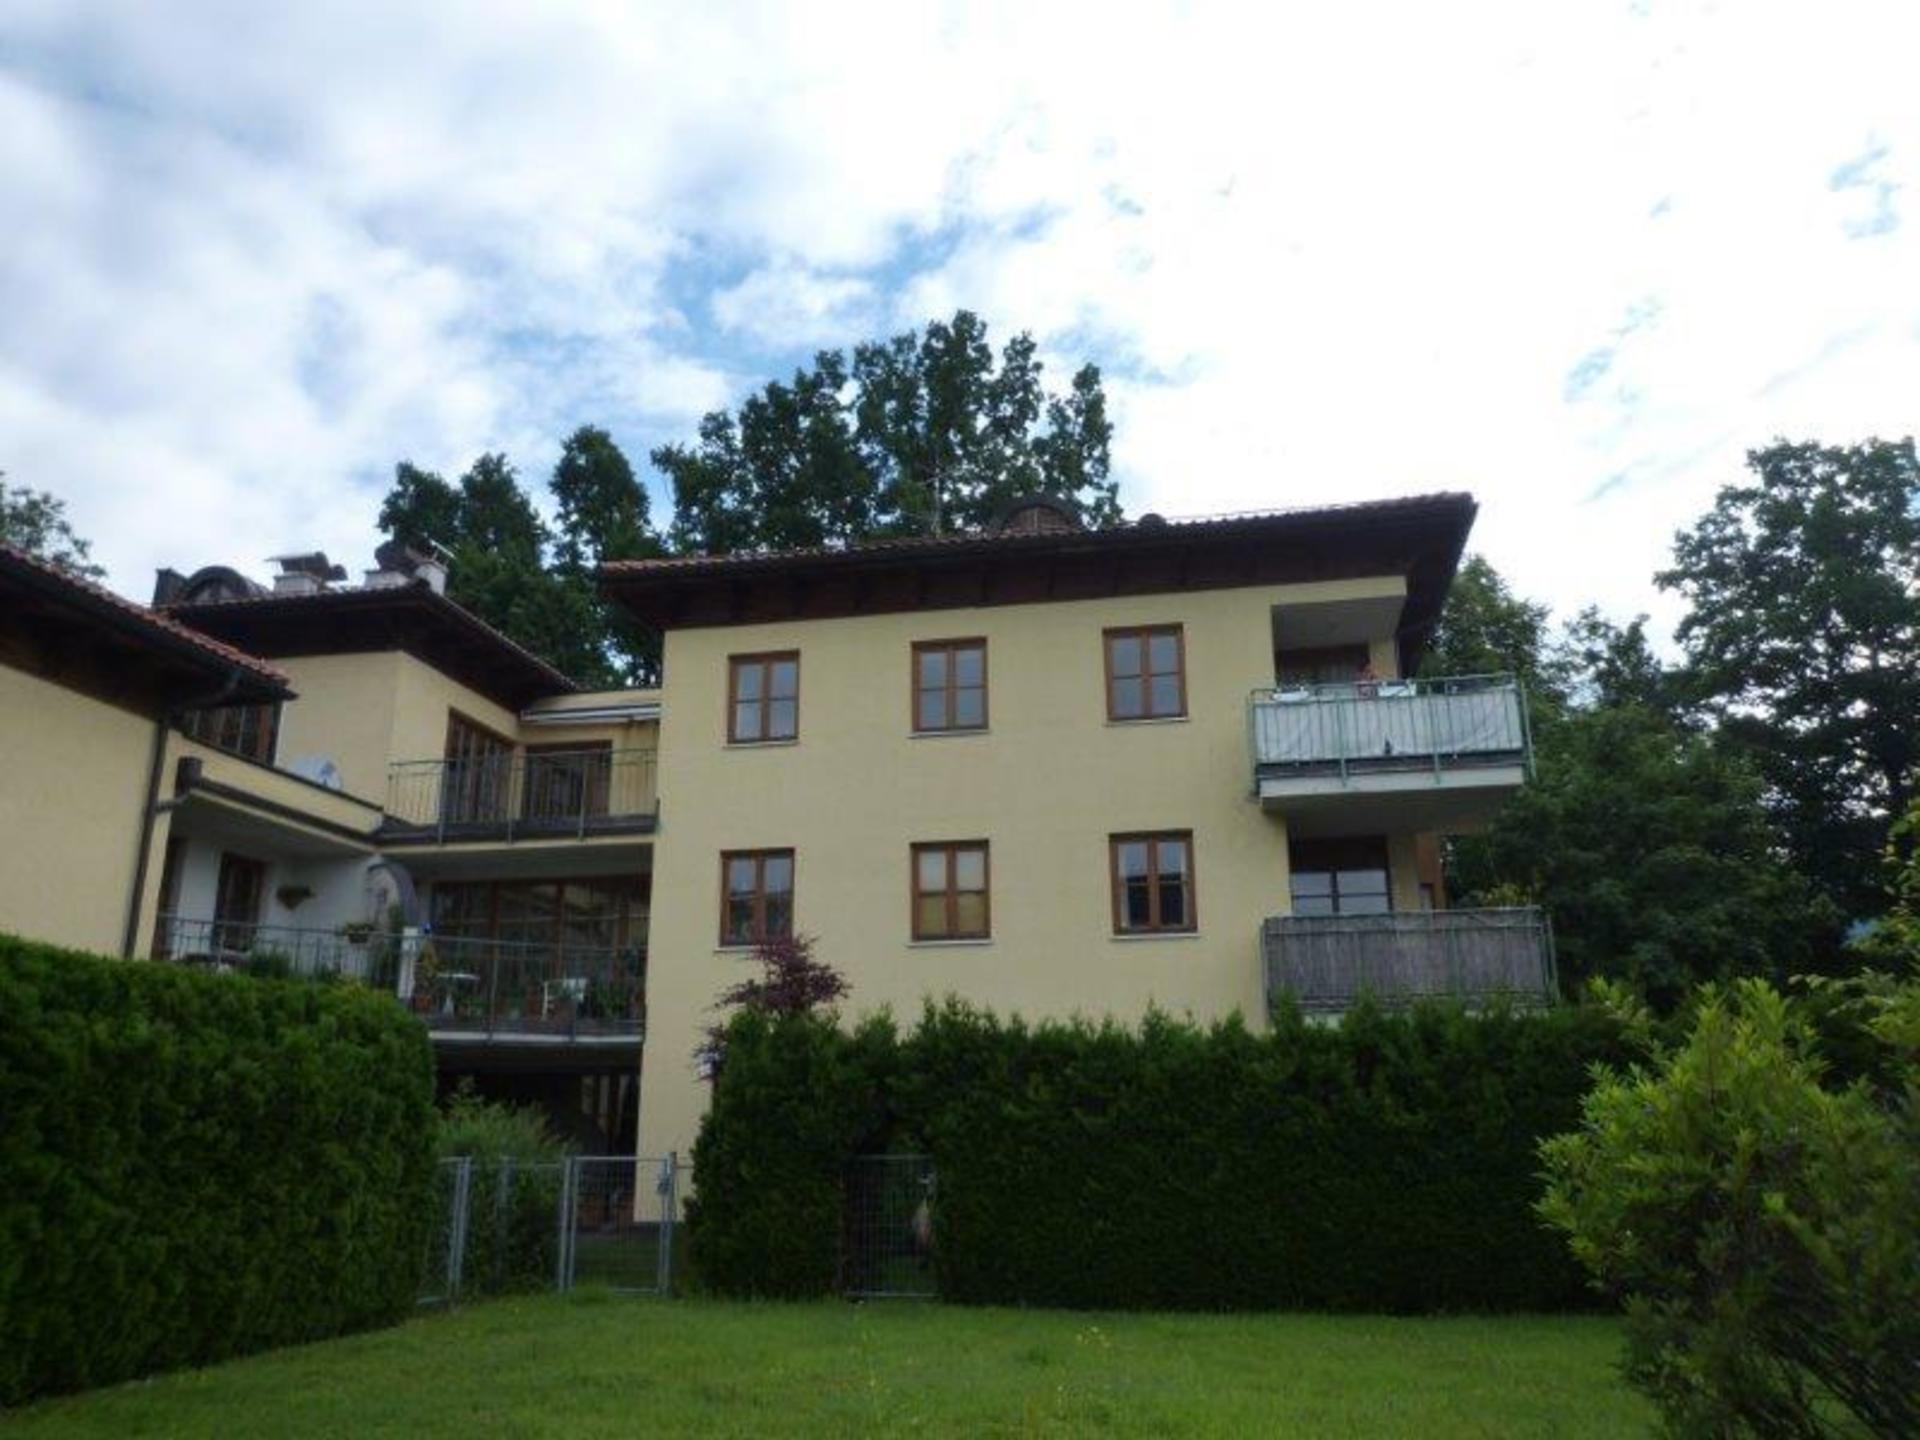 Fürstenallee 42-44, 5020 Salzburg